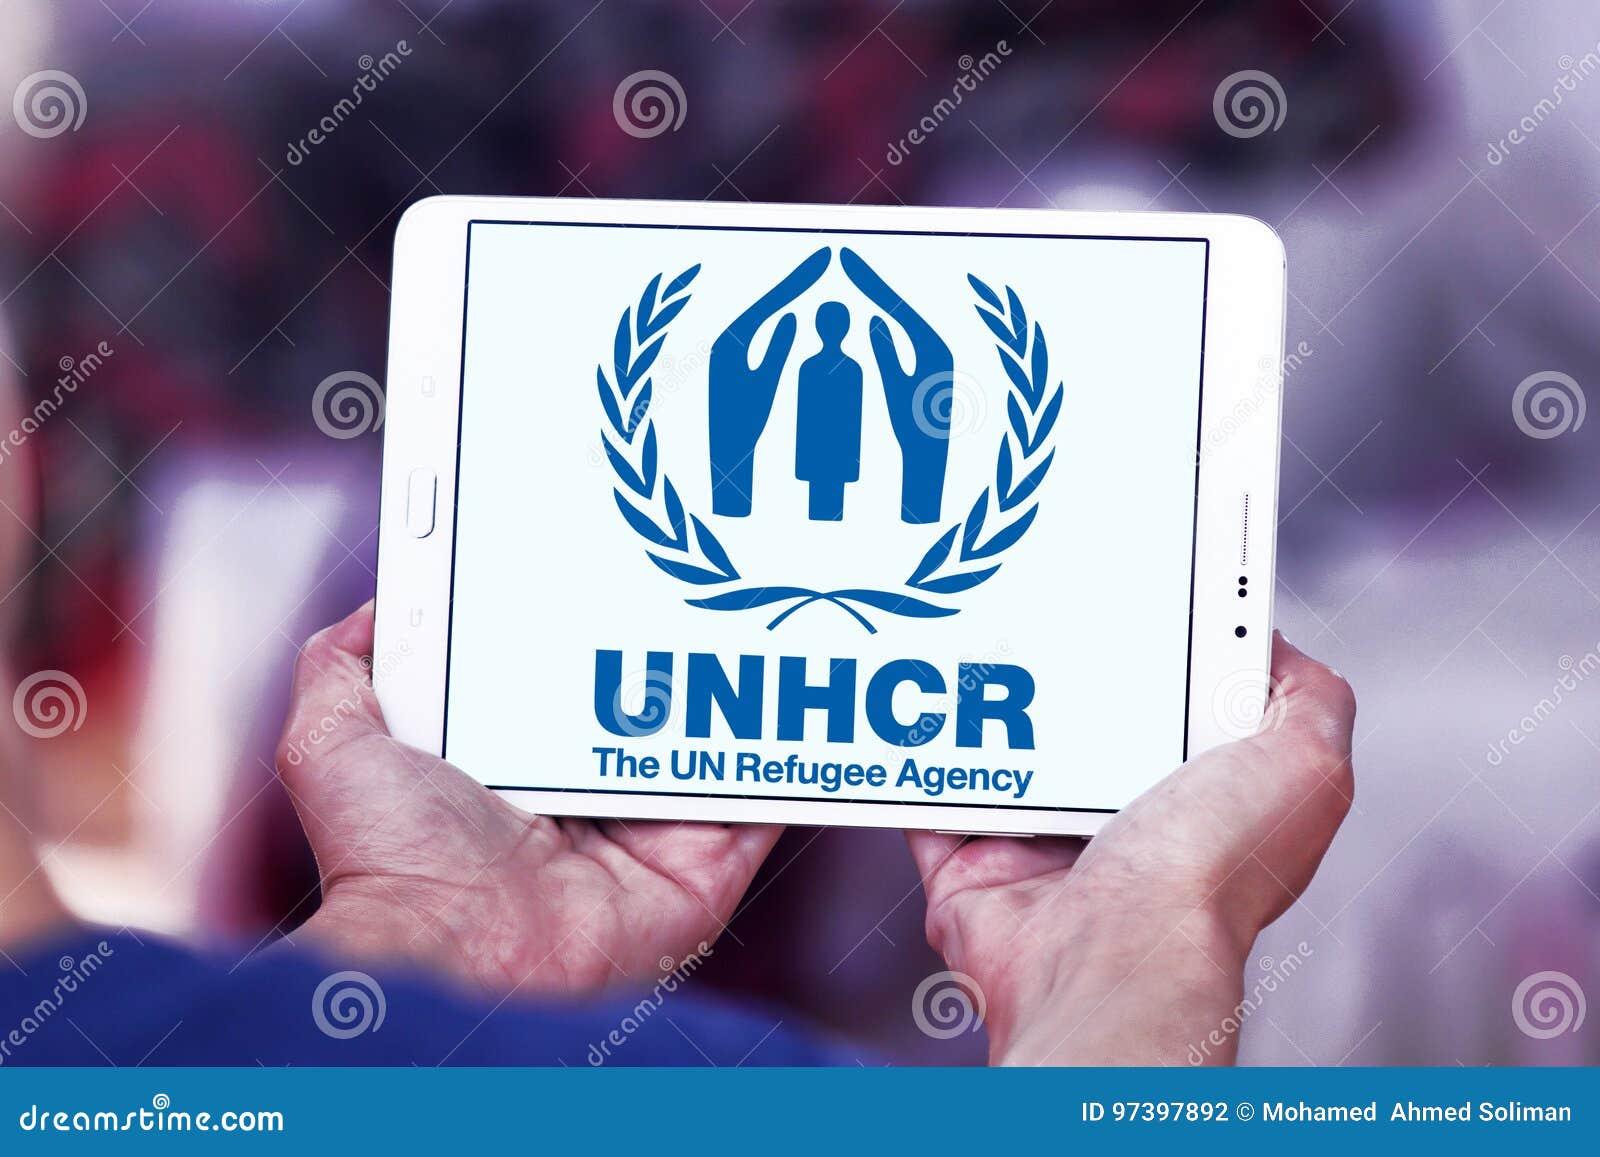 UNHCR , UN Refugee Agency, logo